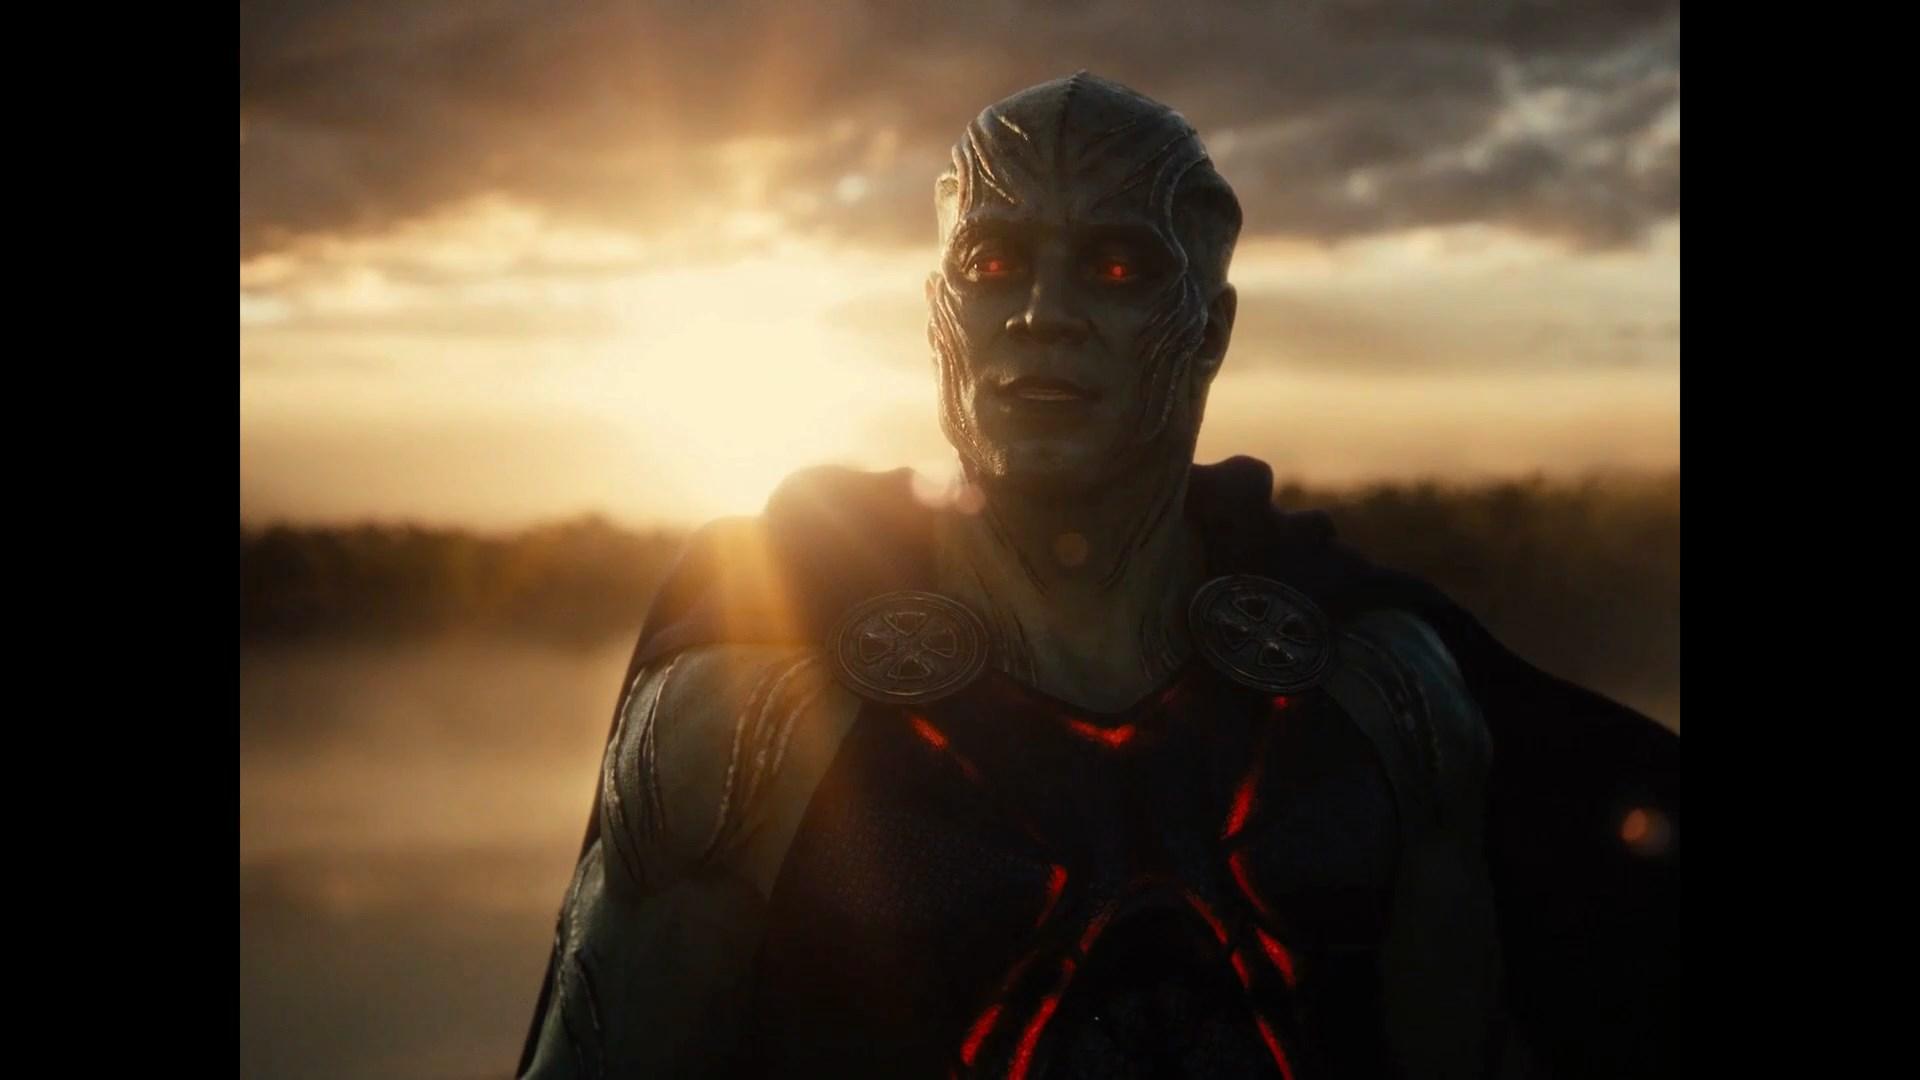 La Liga de la Justicia de Zack Snyder (2021) 1080p HDRip